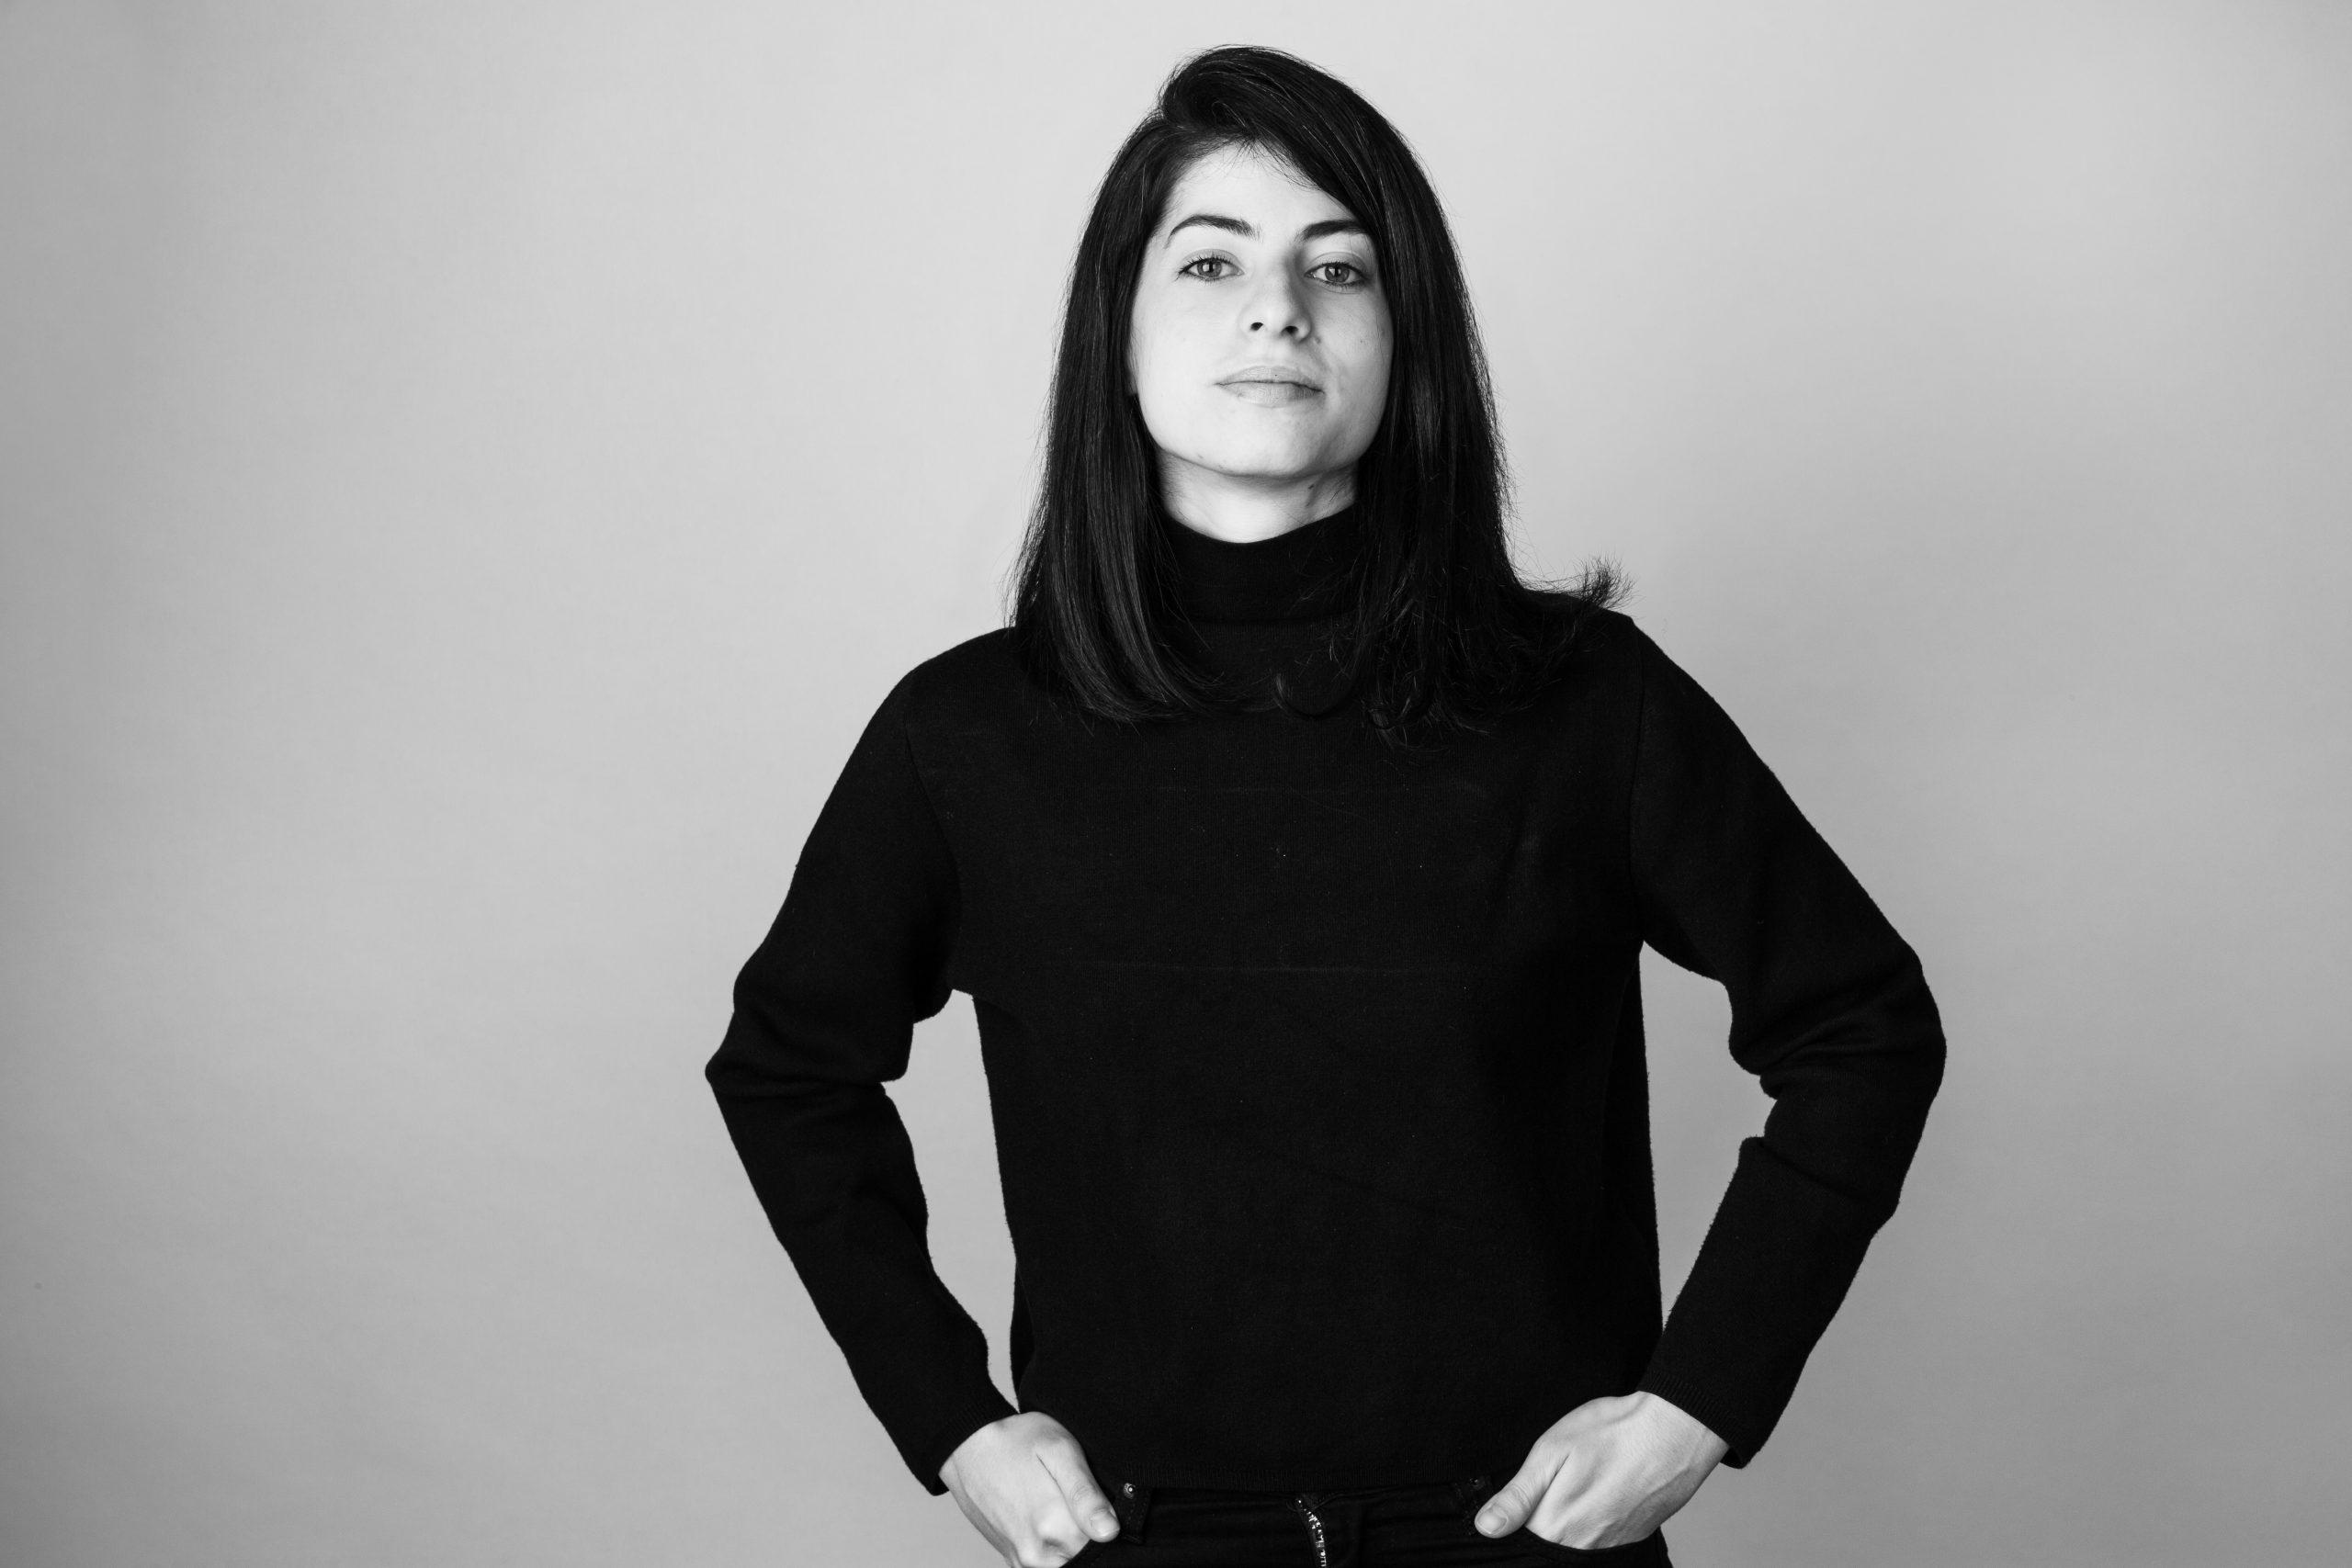 Μαριάννα Τζωρμπατζάκη